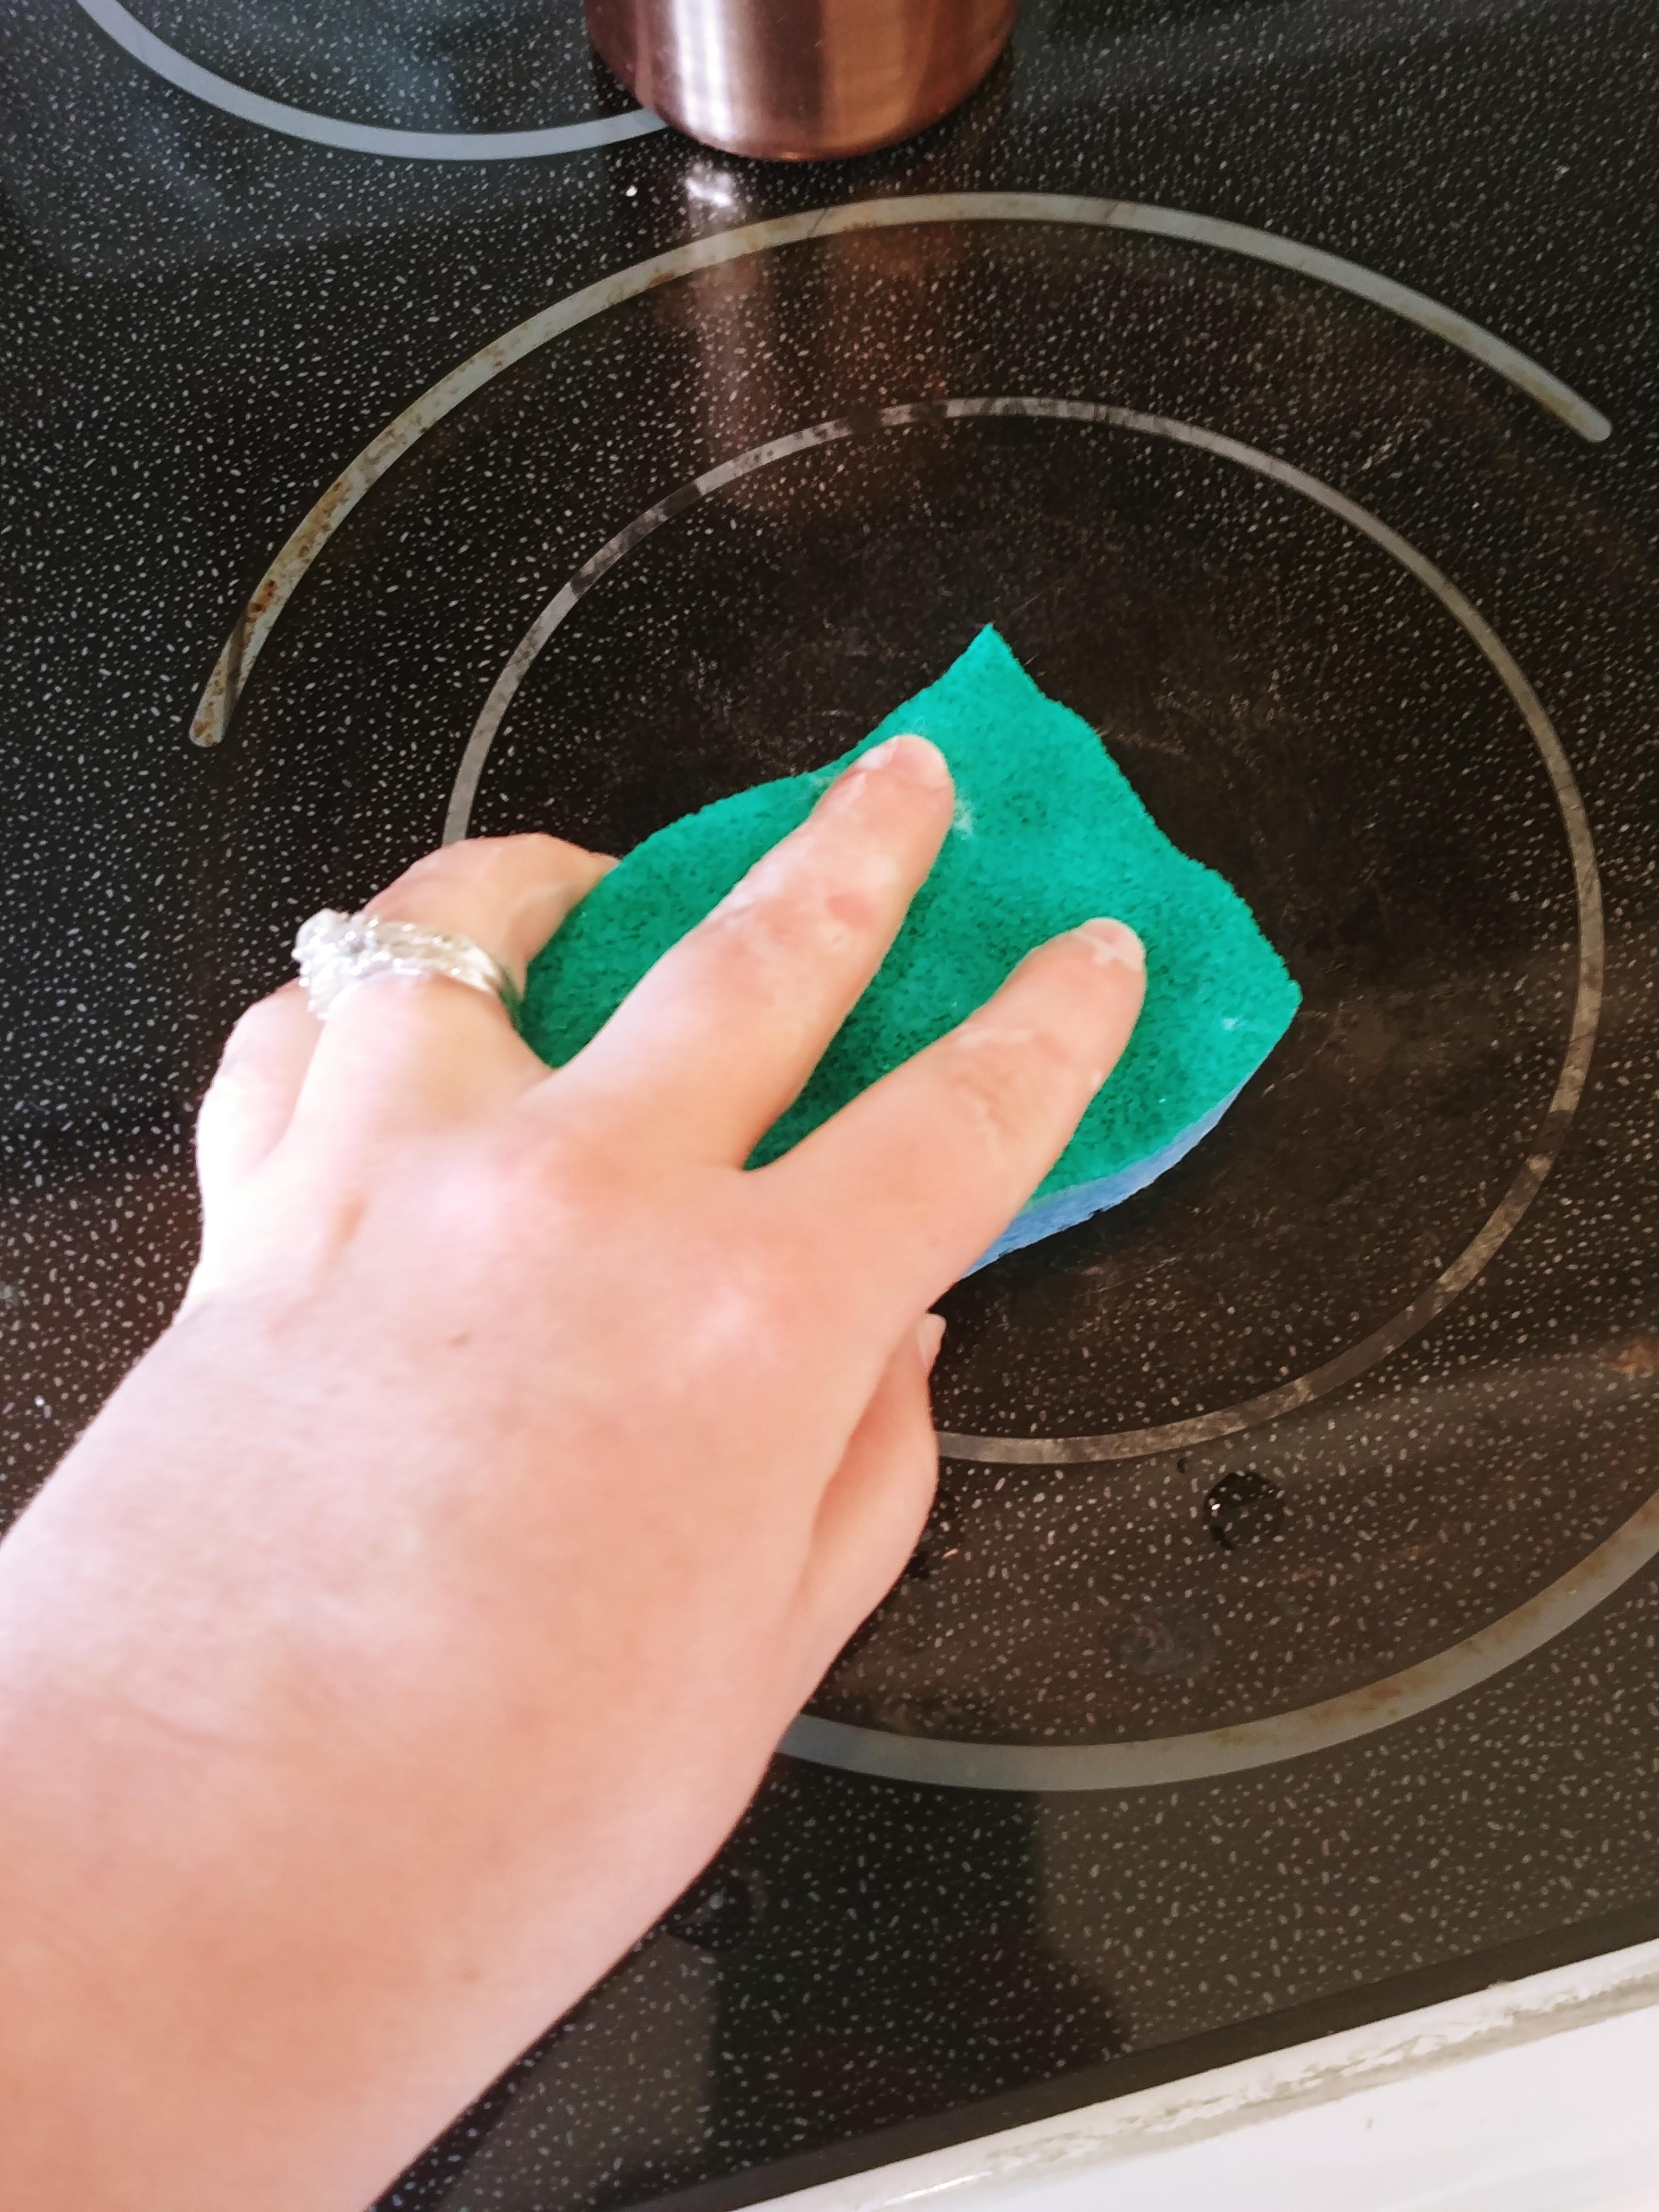 Vileda Scrunge Multi Use Scrub Sponge Reviews In Household